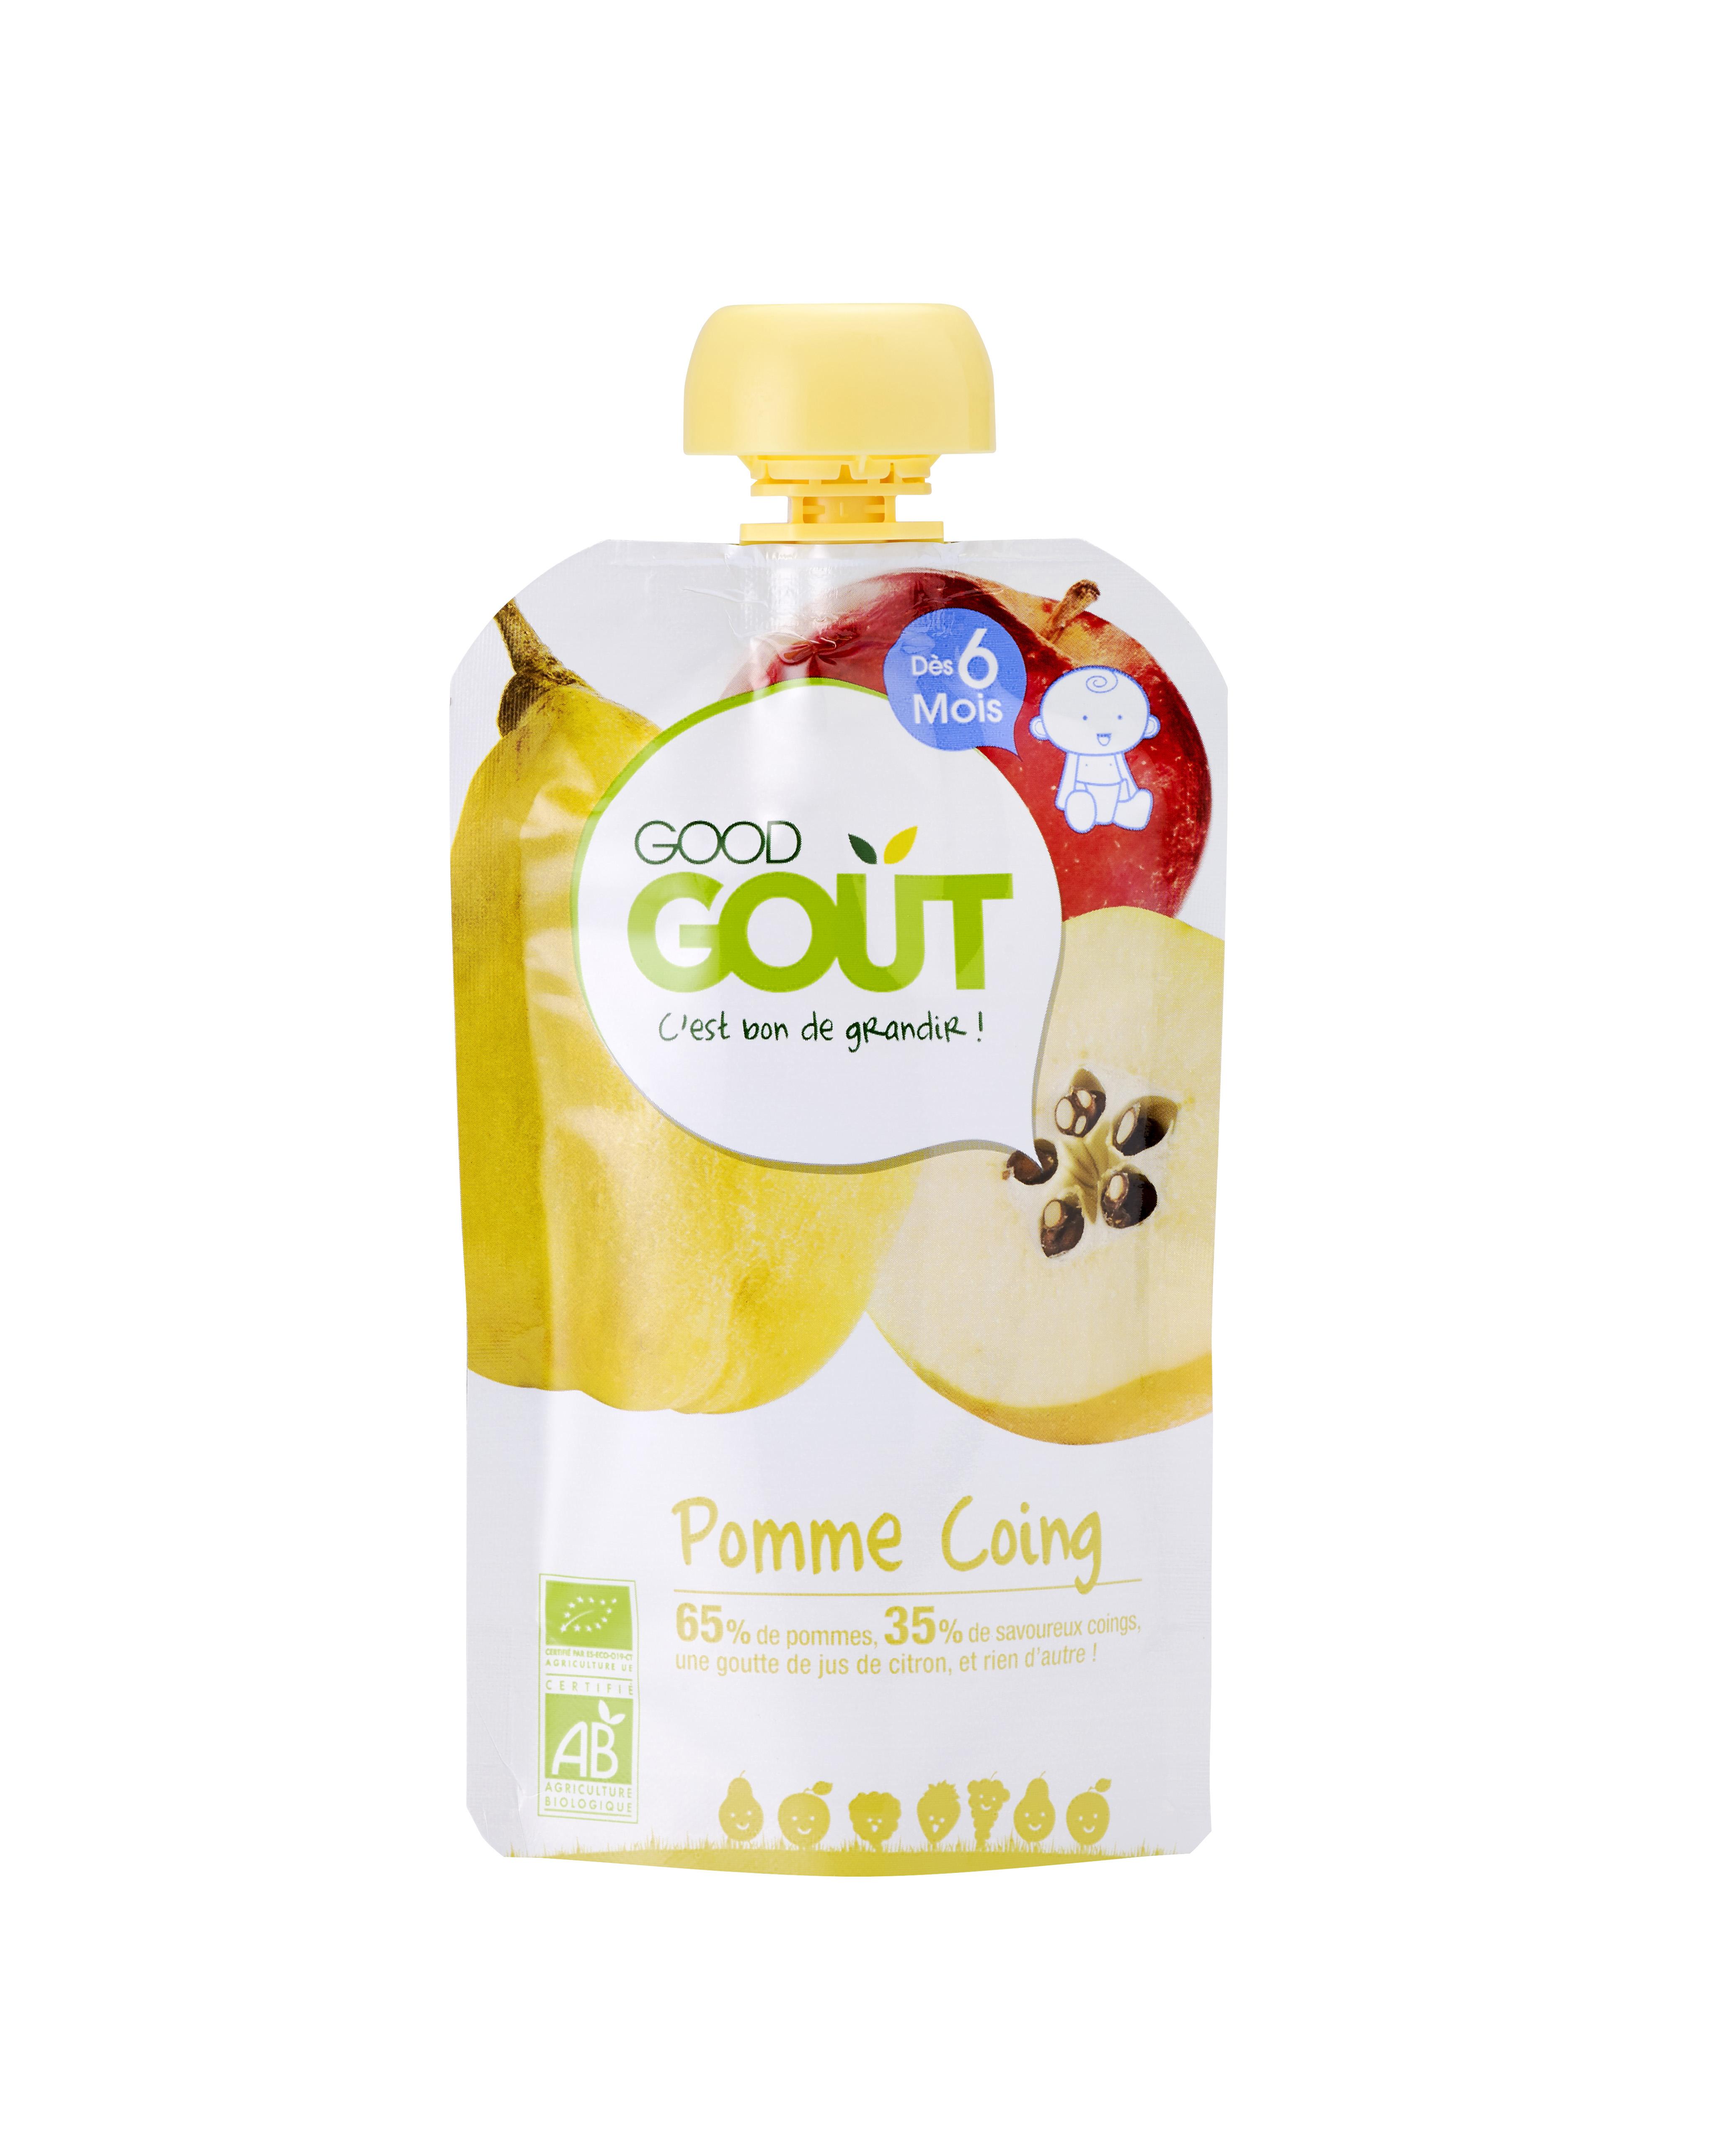 Pomme Coing BIO - dès 6 mois, Good Goût (120 g)